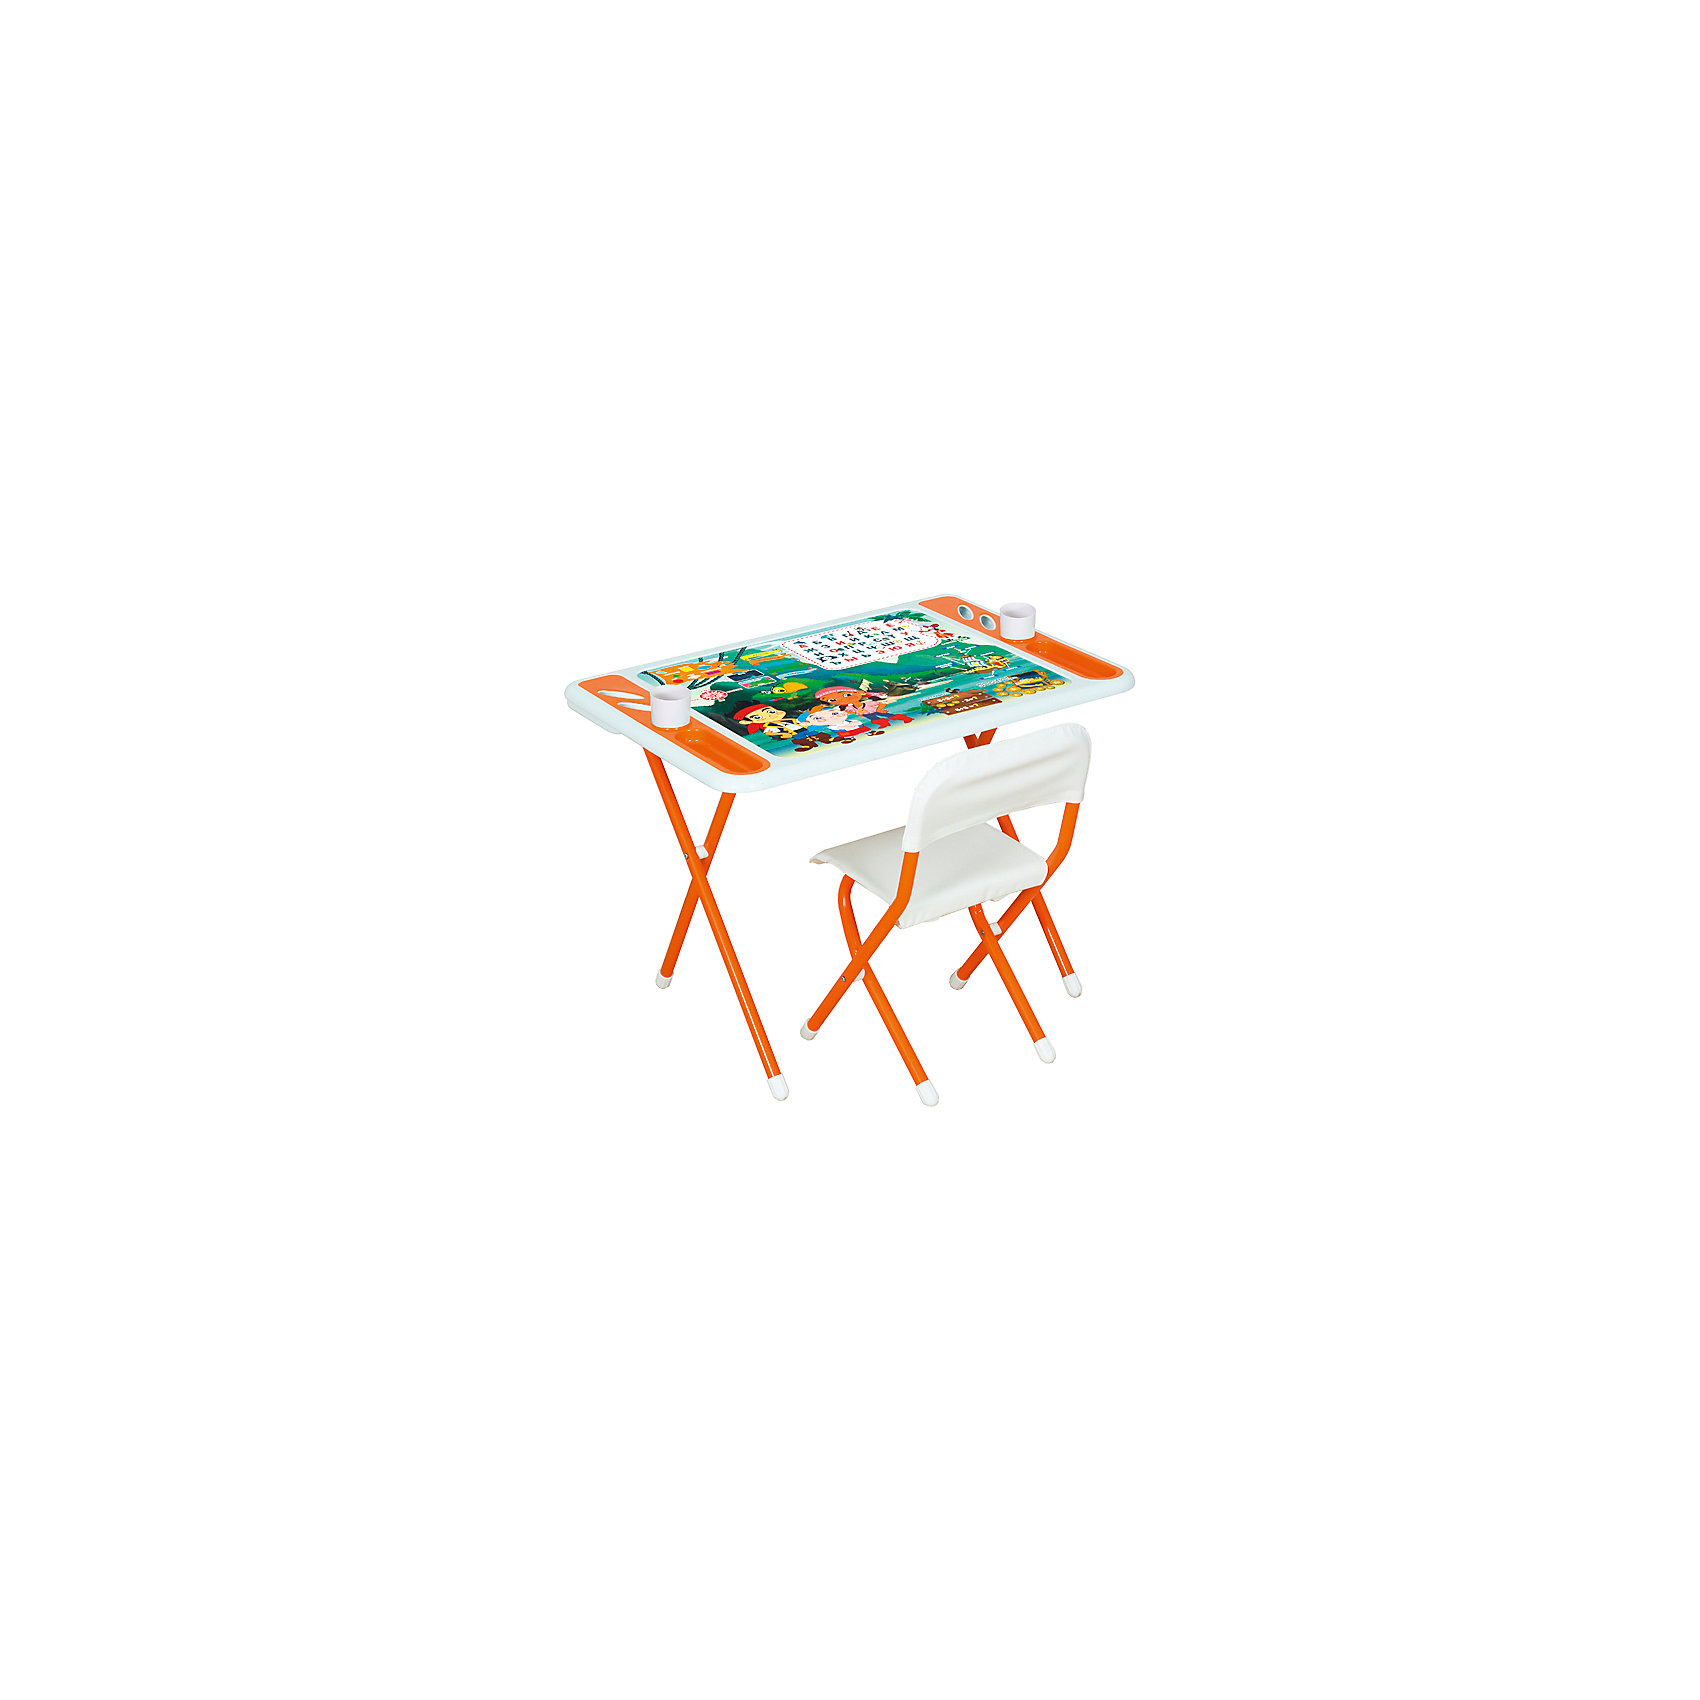 Набор детской складной мебели Джейк и пираты нетландии, Dami, оранжевыйКомплект мебели для дошкольника из серии DAMIBABY EVRO состоит из складного столика и складного стульчика. Столешница декорирована ярким рисунком и обучающими табличками: «русский алфавит», «геометрические фигуры», «цвета». Дополнительные информационные блоки показывают малышу, какие есть стороны света, какие составные части у пиратского корабля. Логические задачки для ума – простые математические примеры. <br><br>Дополнительная информация:<br><br>Рабочая поверхность столешницы влагоустойчива. Имеются специальные углубления для стаканов-непроливаек, ручек, карандашей и фломастеров. <br><br>Высота стула и глубина спинки не регулируются.<br><br>Набор мебели легко складывается для компактного хранения и транспортировки. <br><br>Материал: металл, пластик<br><br>Размер упаковки: 82х79х14 см<br>Вес: 8,6 кг<br><br>Набор детской складной мебели Damibaby evro Пираты, Dami, оранжевый можно купить в нашем интернет-магазине.<br><br>Ширина мм: 710<br>Глубина мм: 730<br>Высота мм: 150<br>Вес г: 10400<br>Возраст от месяцев: 36<br>Возраст до месяцев: 84<br>Пол: Унисекс<br>Возраст: Детский<br>SKU: 4998103